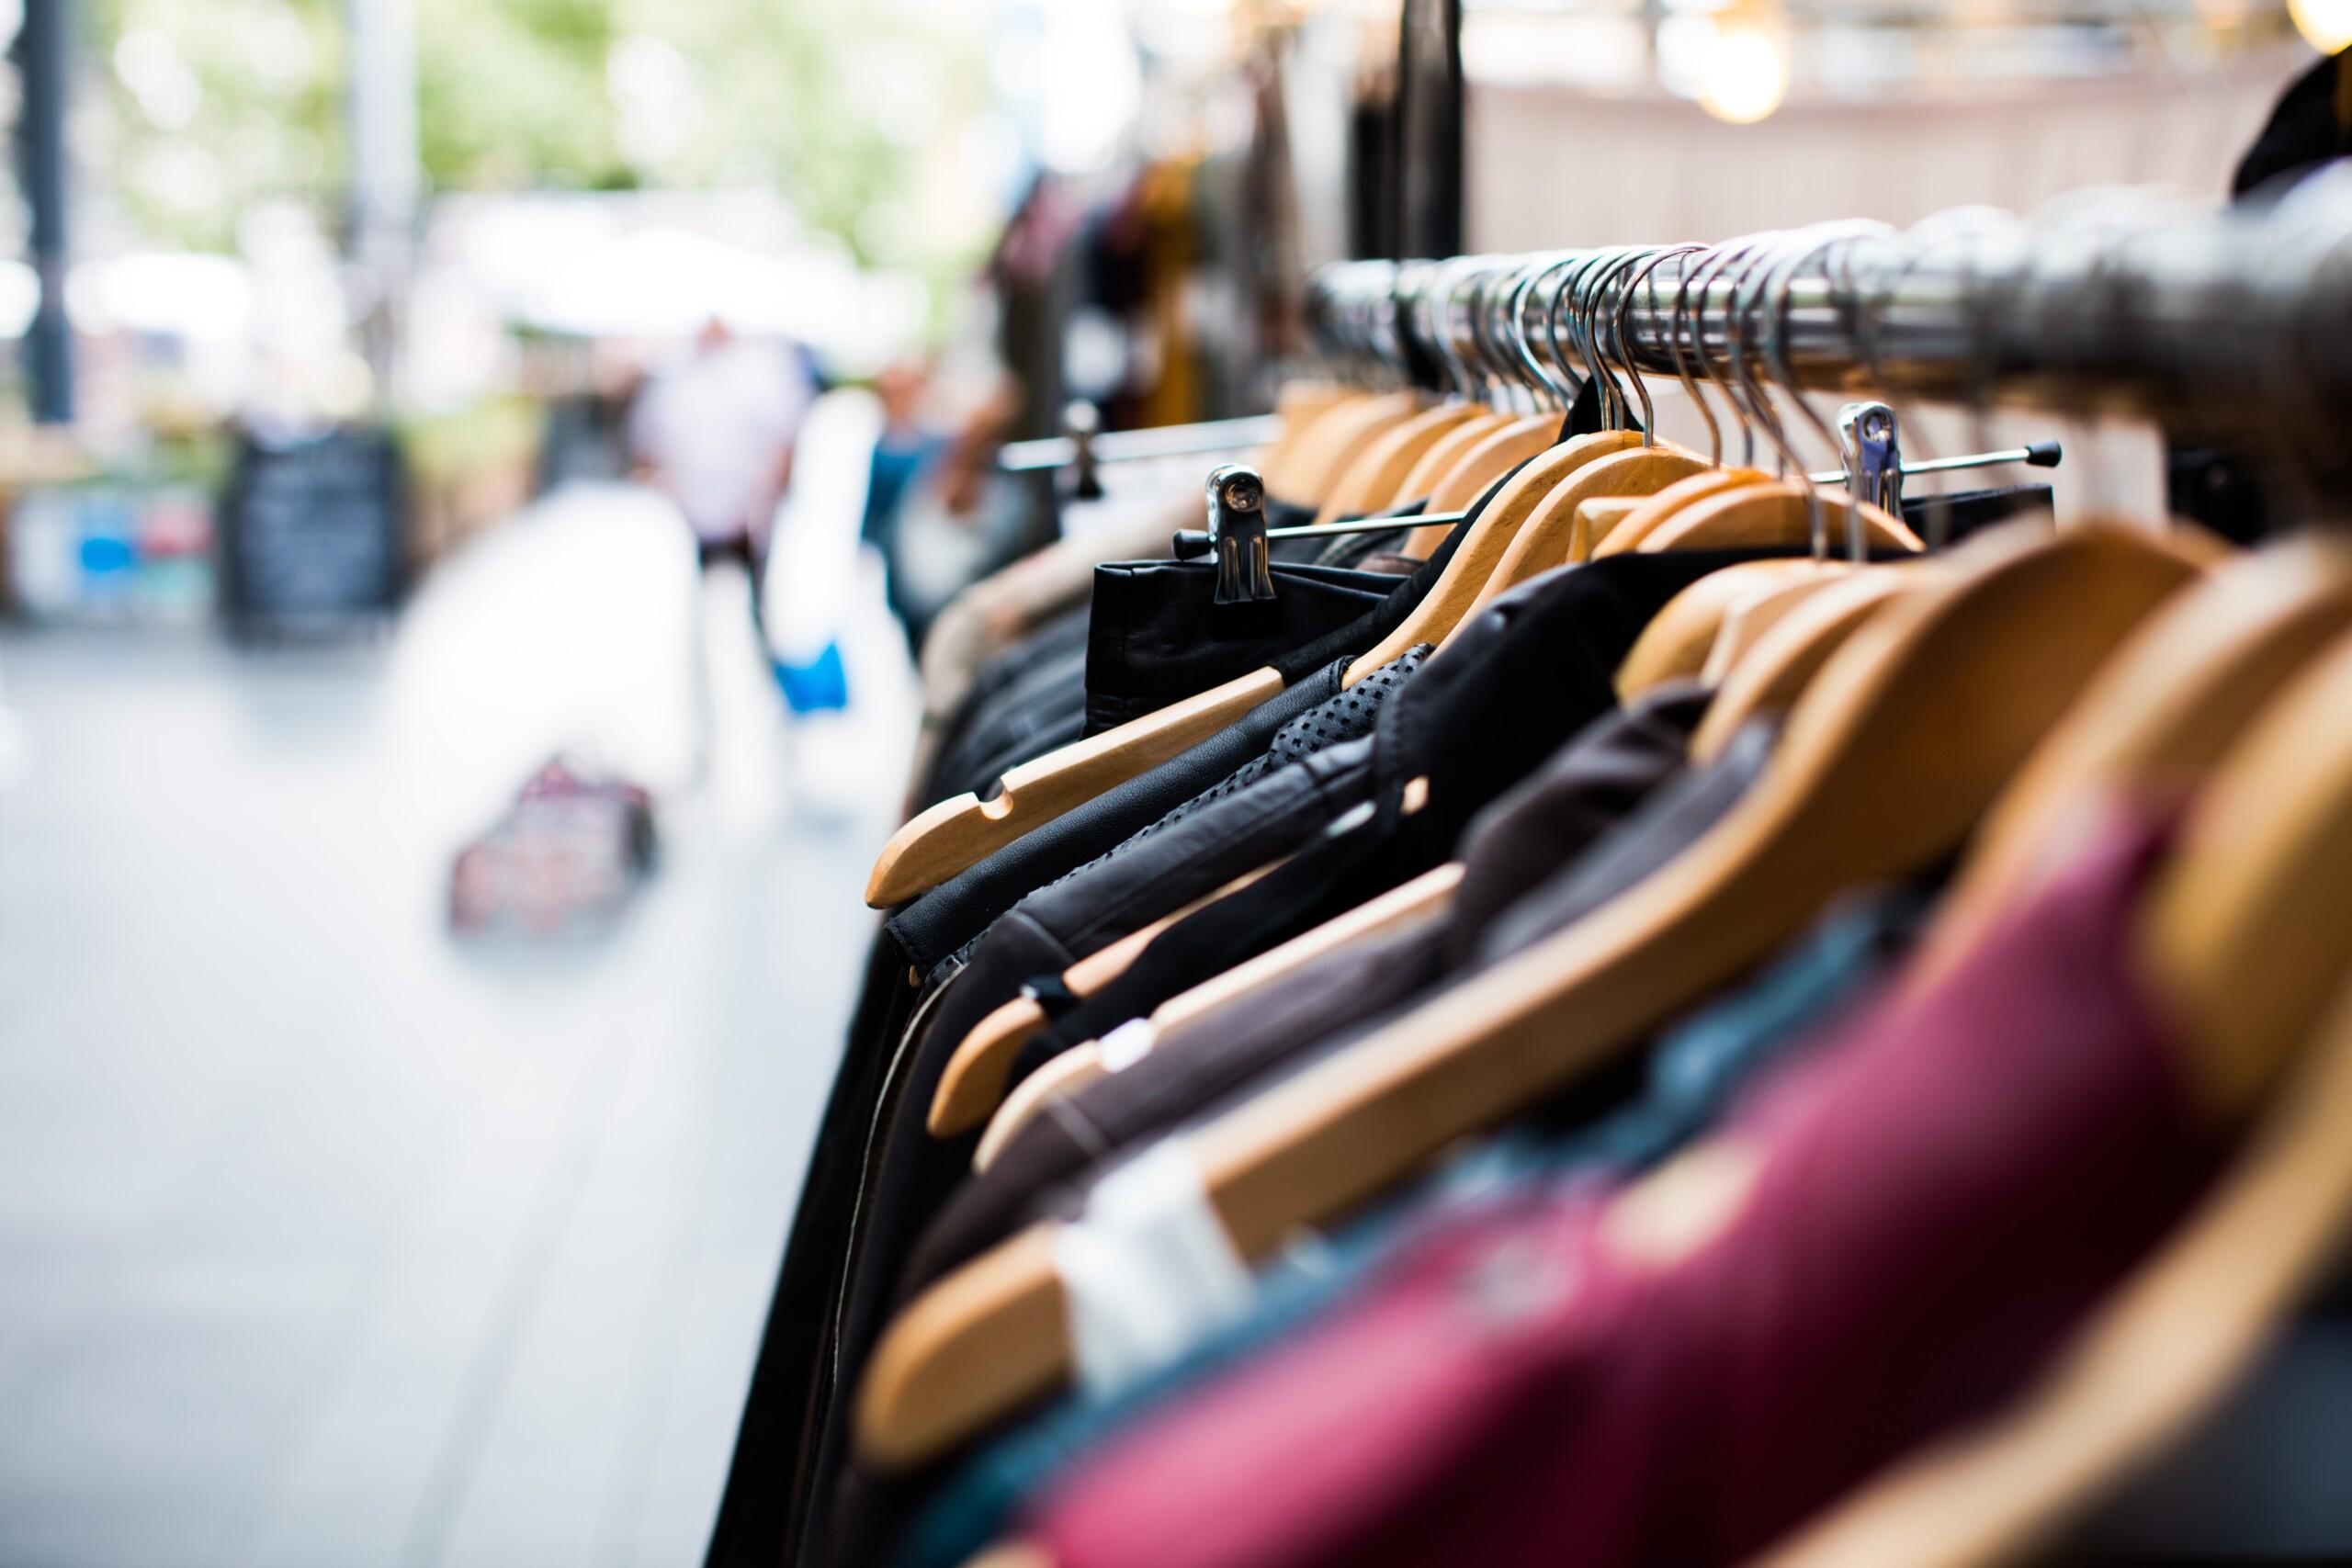 Zakup odzieży z drugiej ręki ma sens